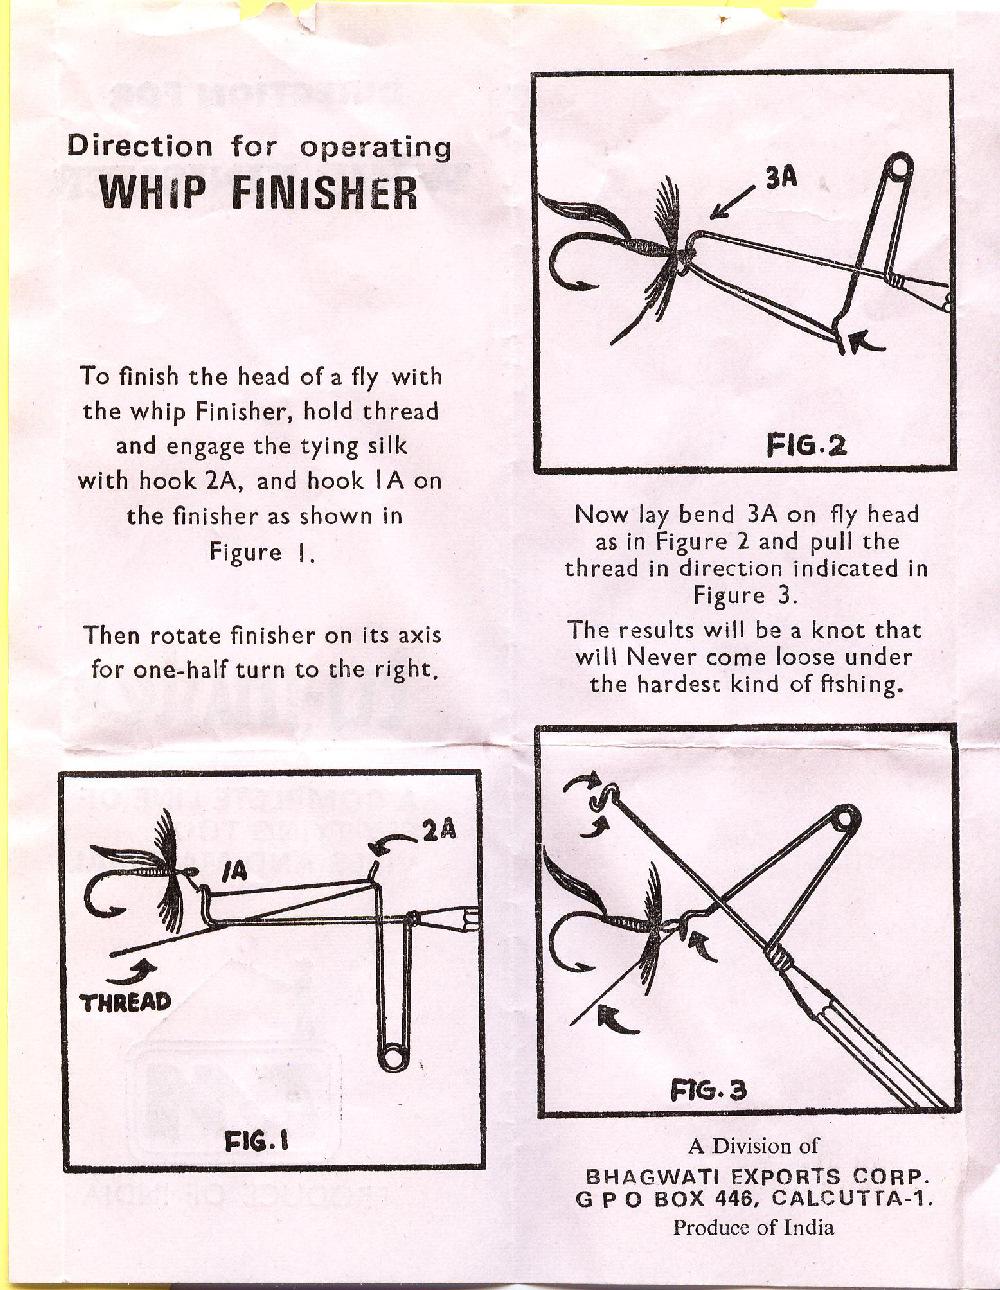 Как пользоваться узловязом при вязании мушек